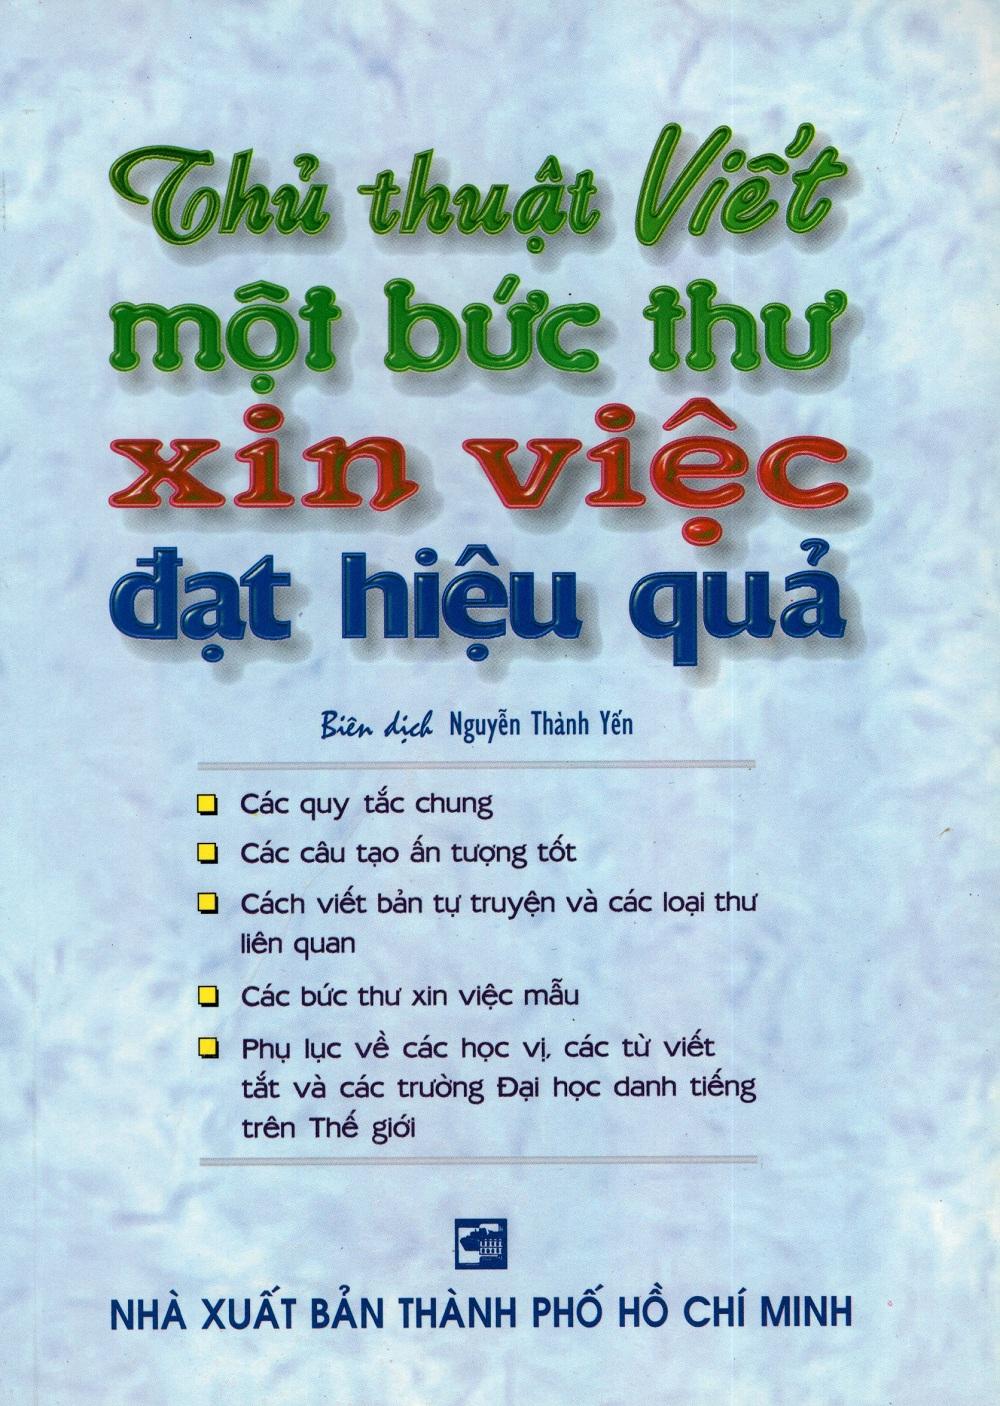 Thủ Thuật Viết Một Bức Thư Xin Việc Đạt Hiệu Quả - 3104880955485,62_256595,36000,tiki.vn,Thu-Thuat-Viet-Mot-Buc-Thu-Xin-Viec-Dat-Hieu-Qua-62_256595,Thủ Thuật Viết Một Bức Thư Xin Việc Đạt Hiệu Quả